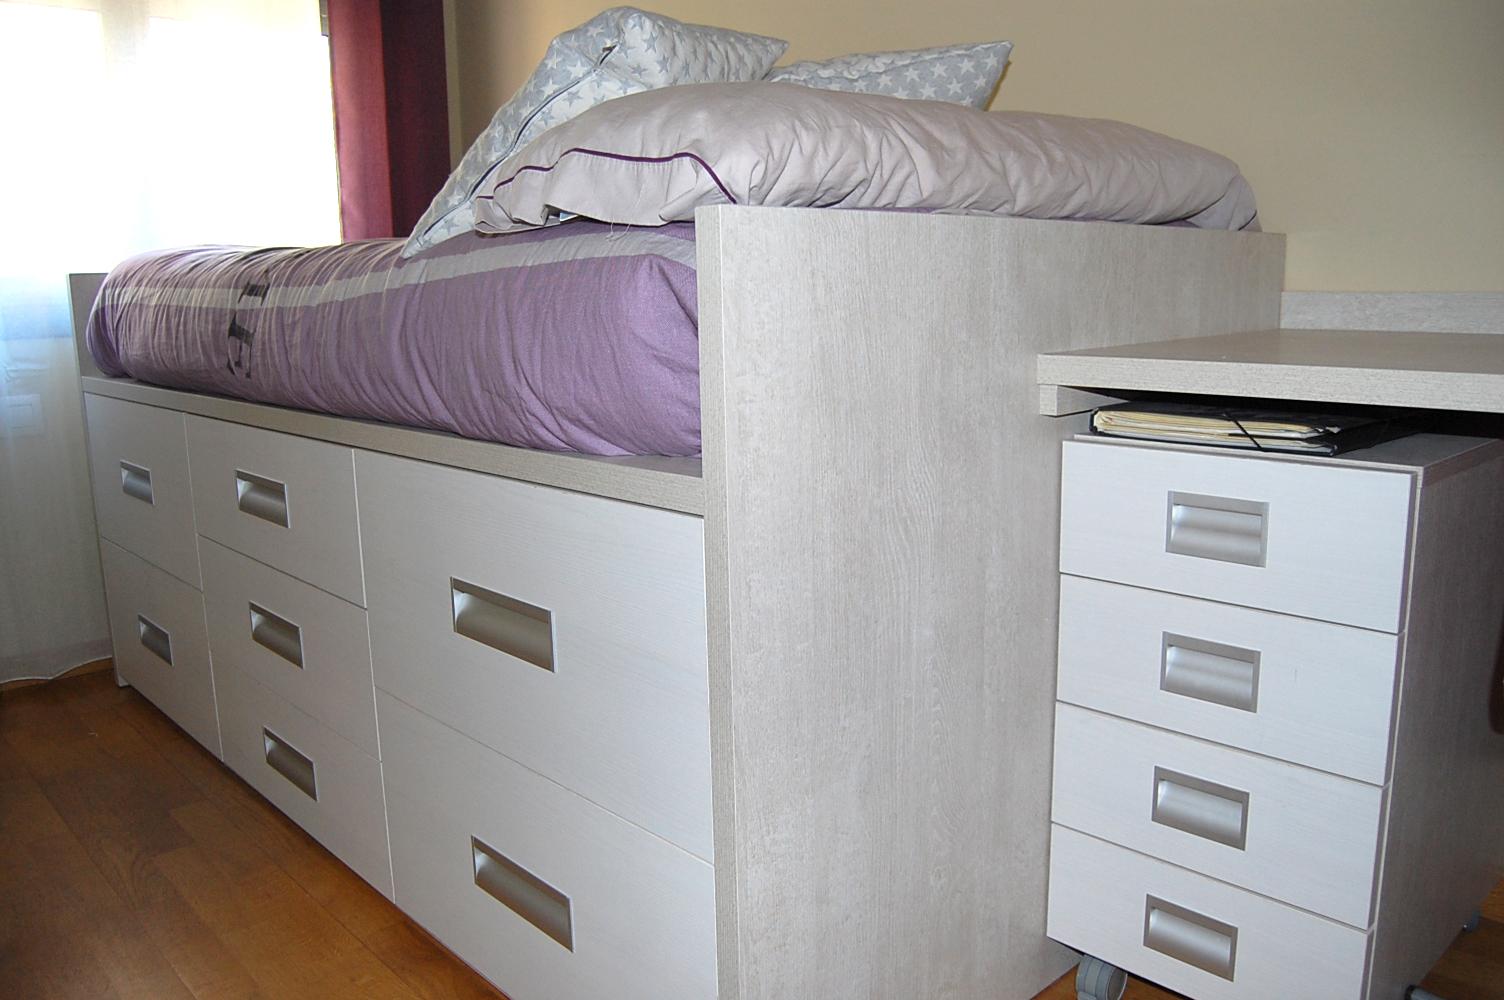 Dormitorio juvenil en melamina color compuesto por cama con cajones de extracción total con freno, escritorio y librería